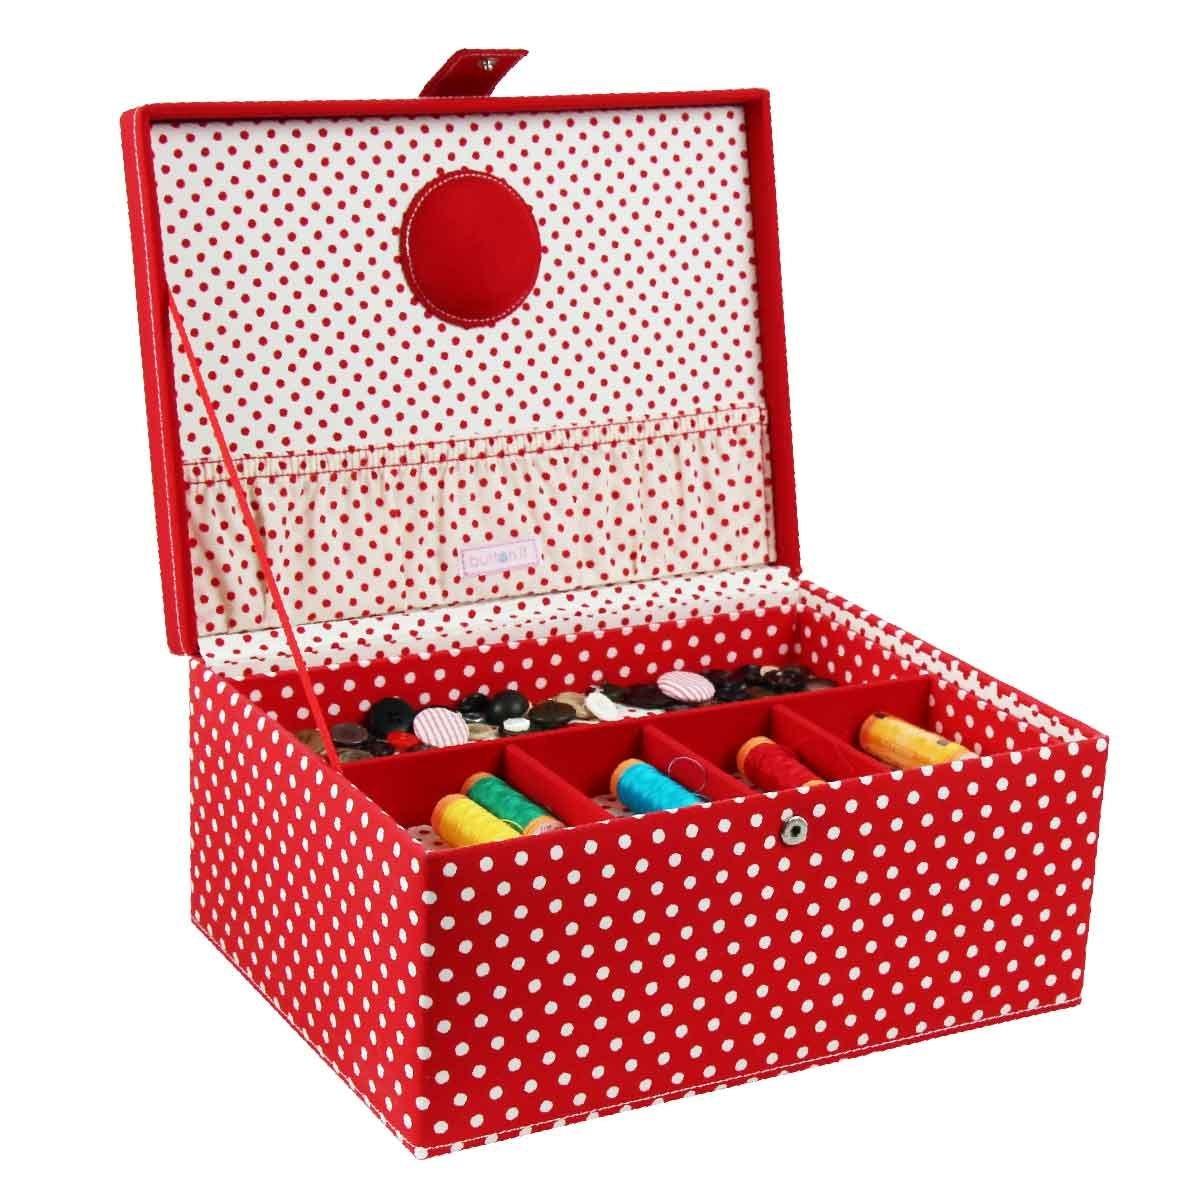 London Clock 82316série à couture avec motif à pois, poignée, compartiment Compartiment intérieur amovibles, plastique et aiguille Coussin intérieur, 31x 23x 14,5cm, rouge/blanc LC Designs